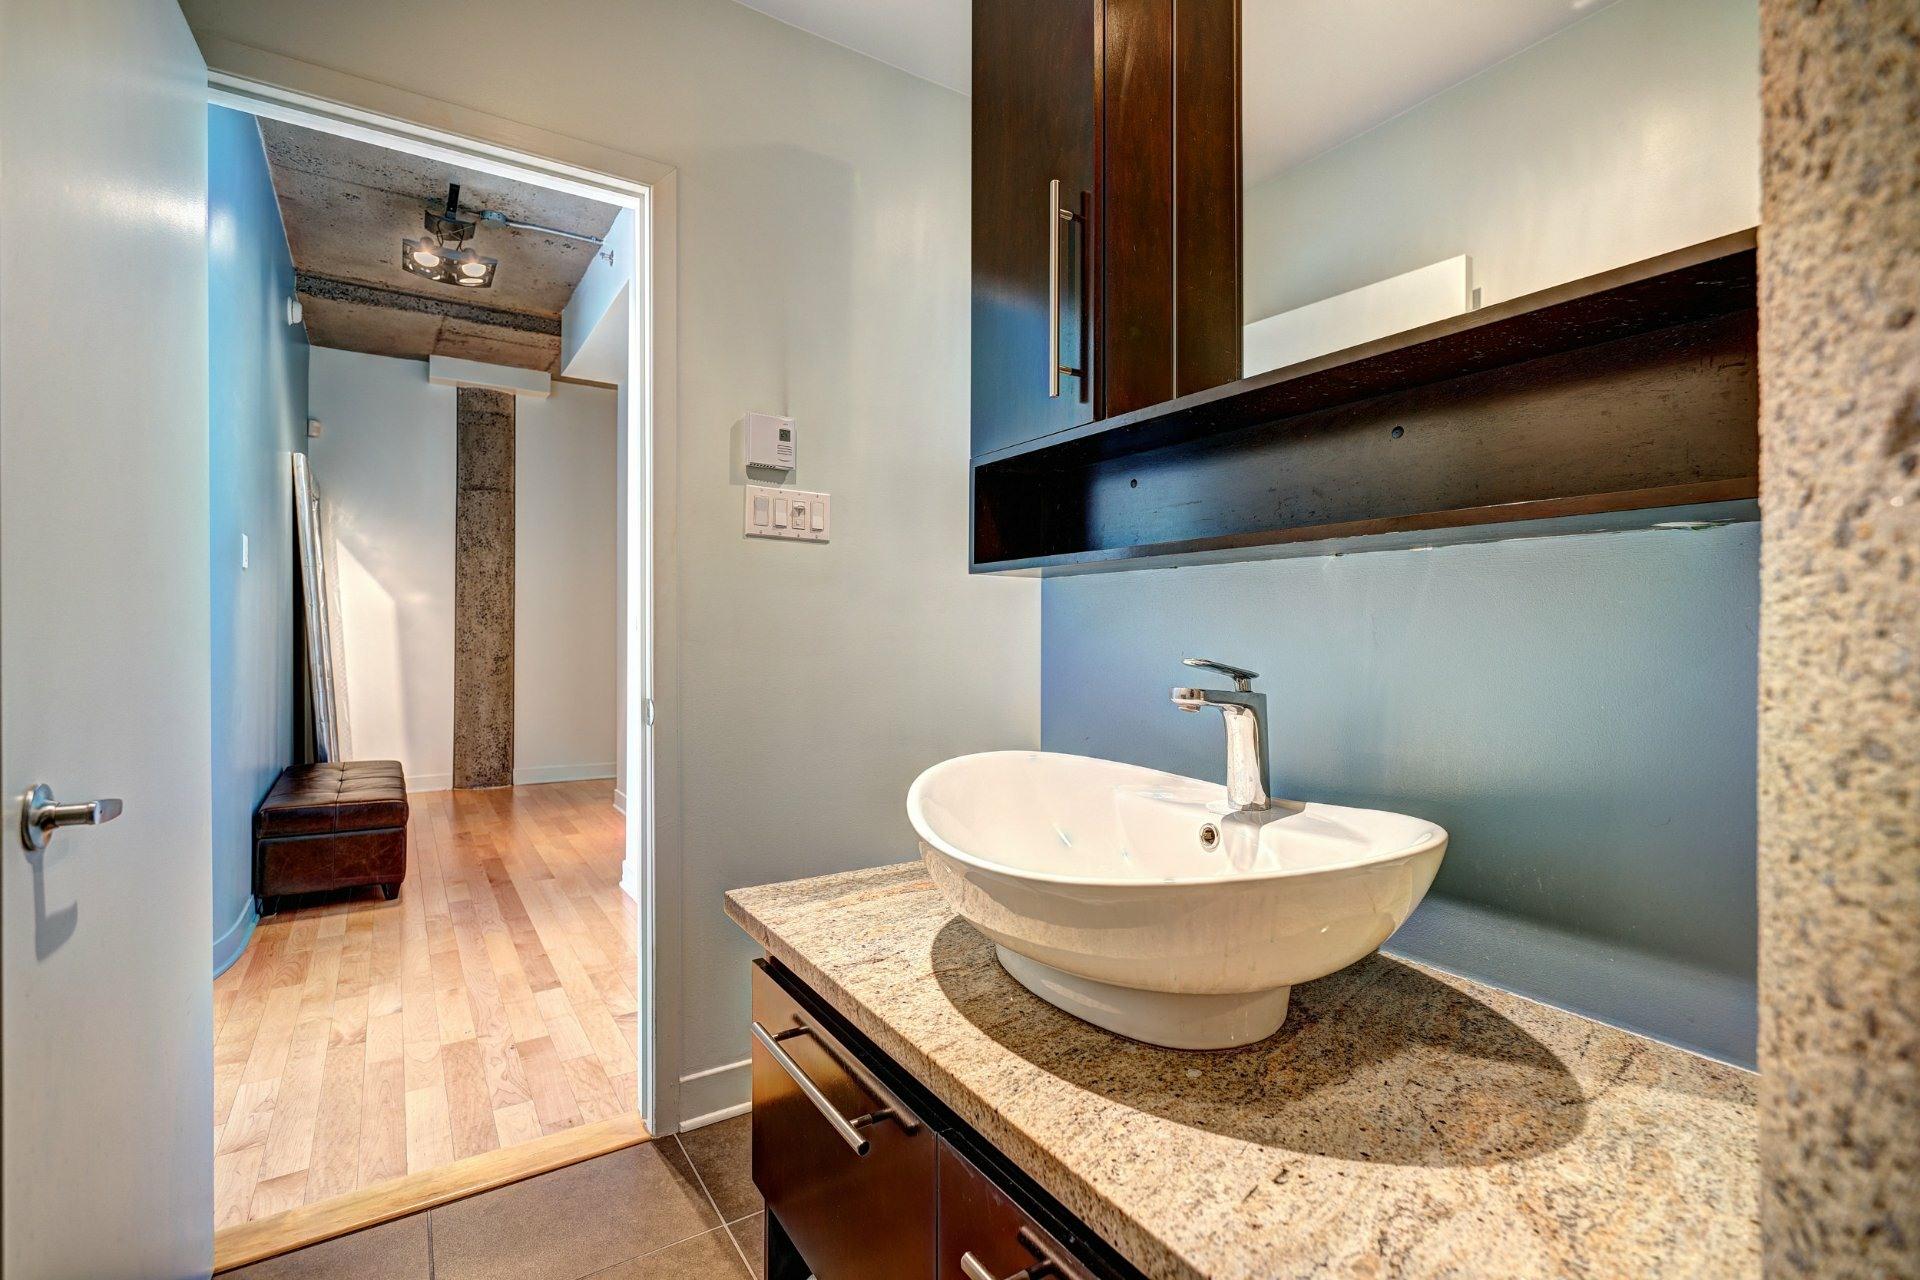 image 25 - Appartement À louer Villeray/Saint-Michel/Parc-Extension Montréal  - 8 pièces